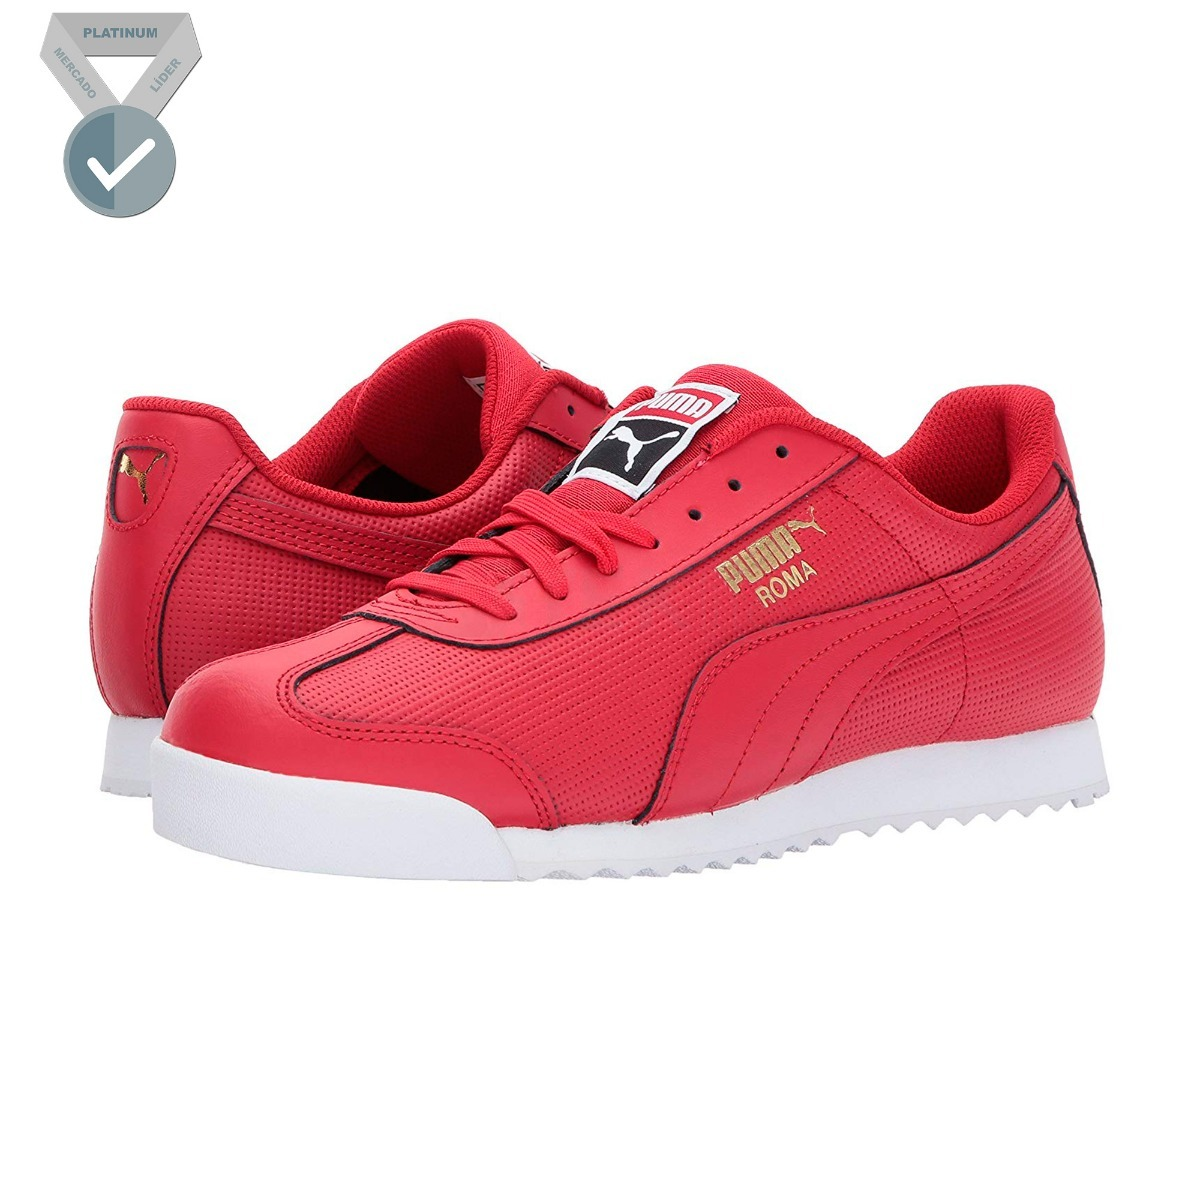 9969ef01345 tenis puma roma basico perf jr casual urbano en color rojo. Cargando zoom.